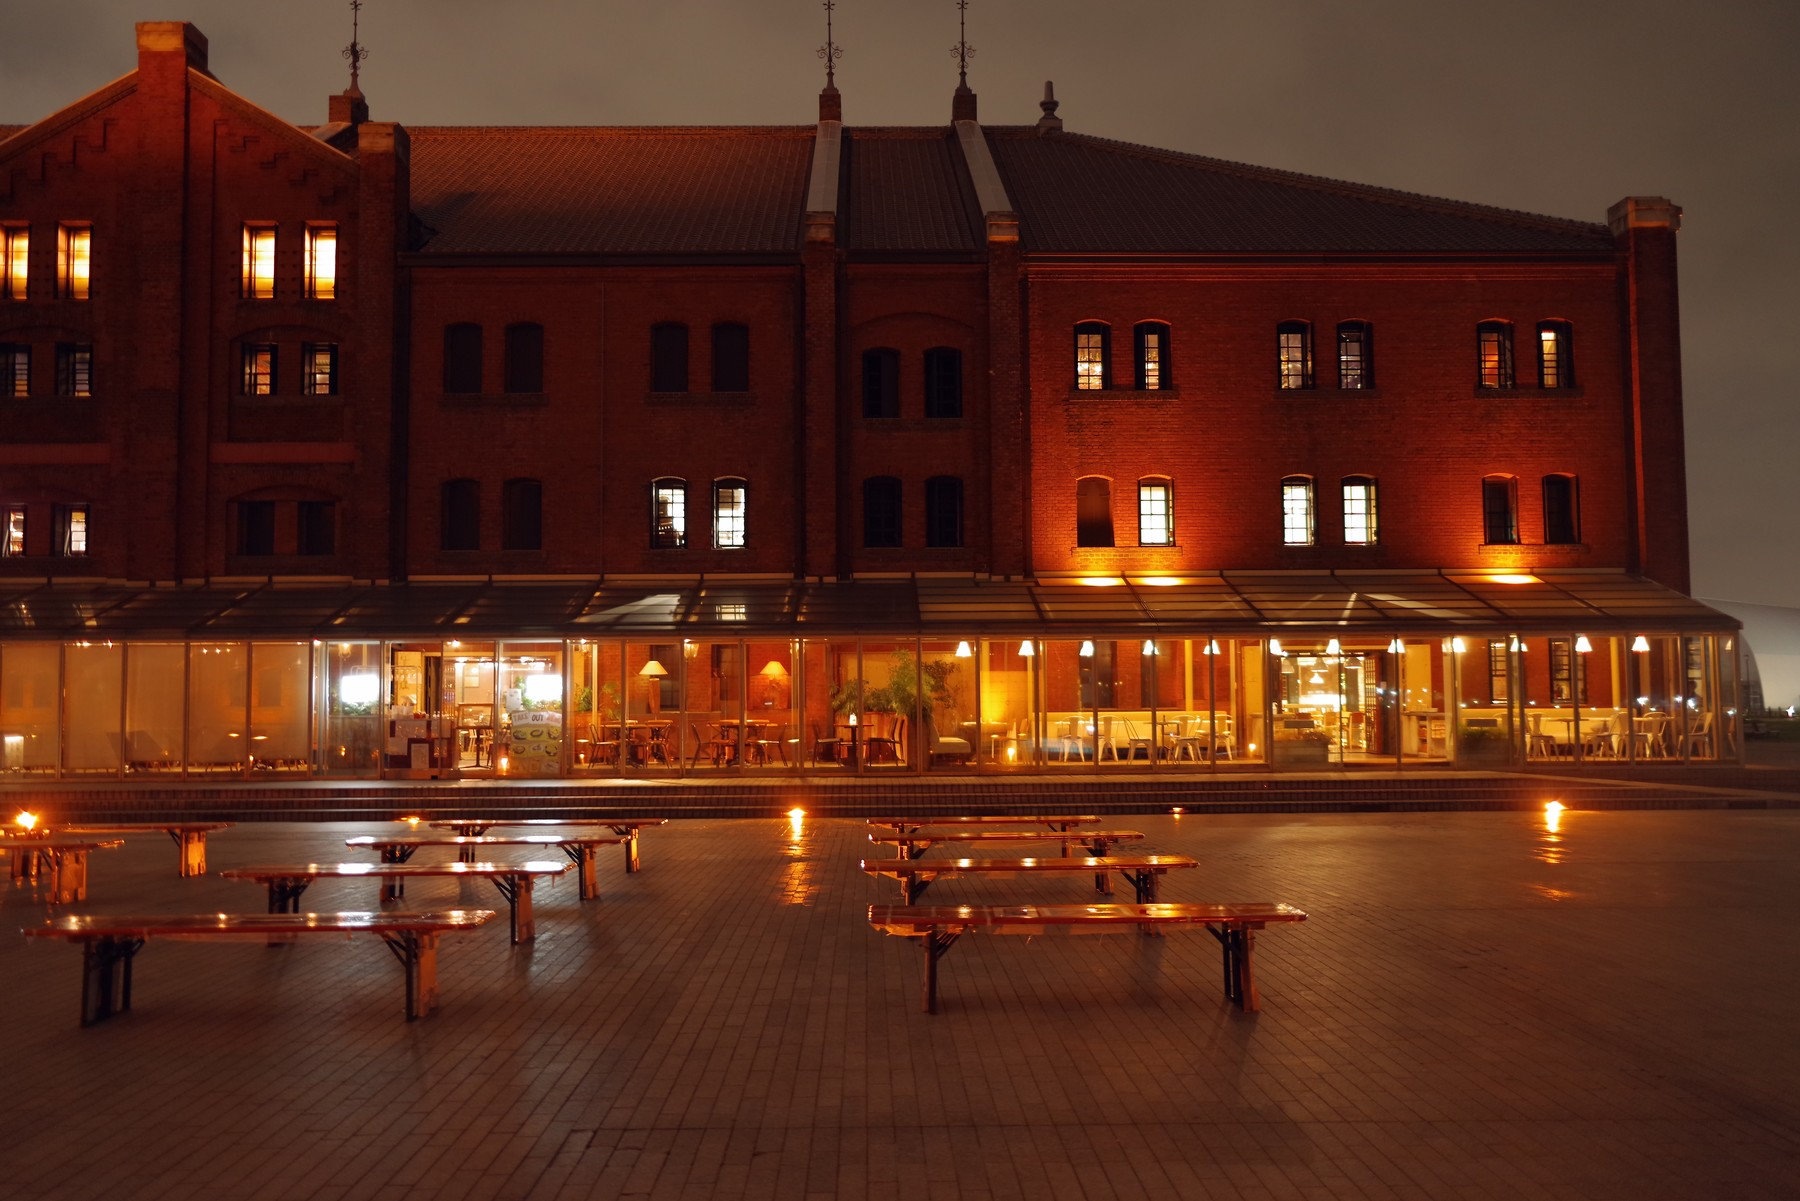 誰もいない夜の赤レンガ倉庫(横浜)の作例写真